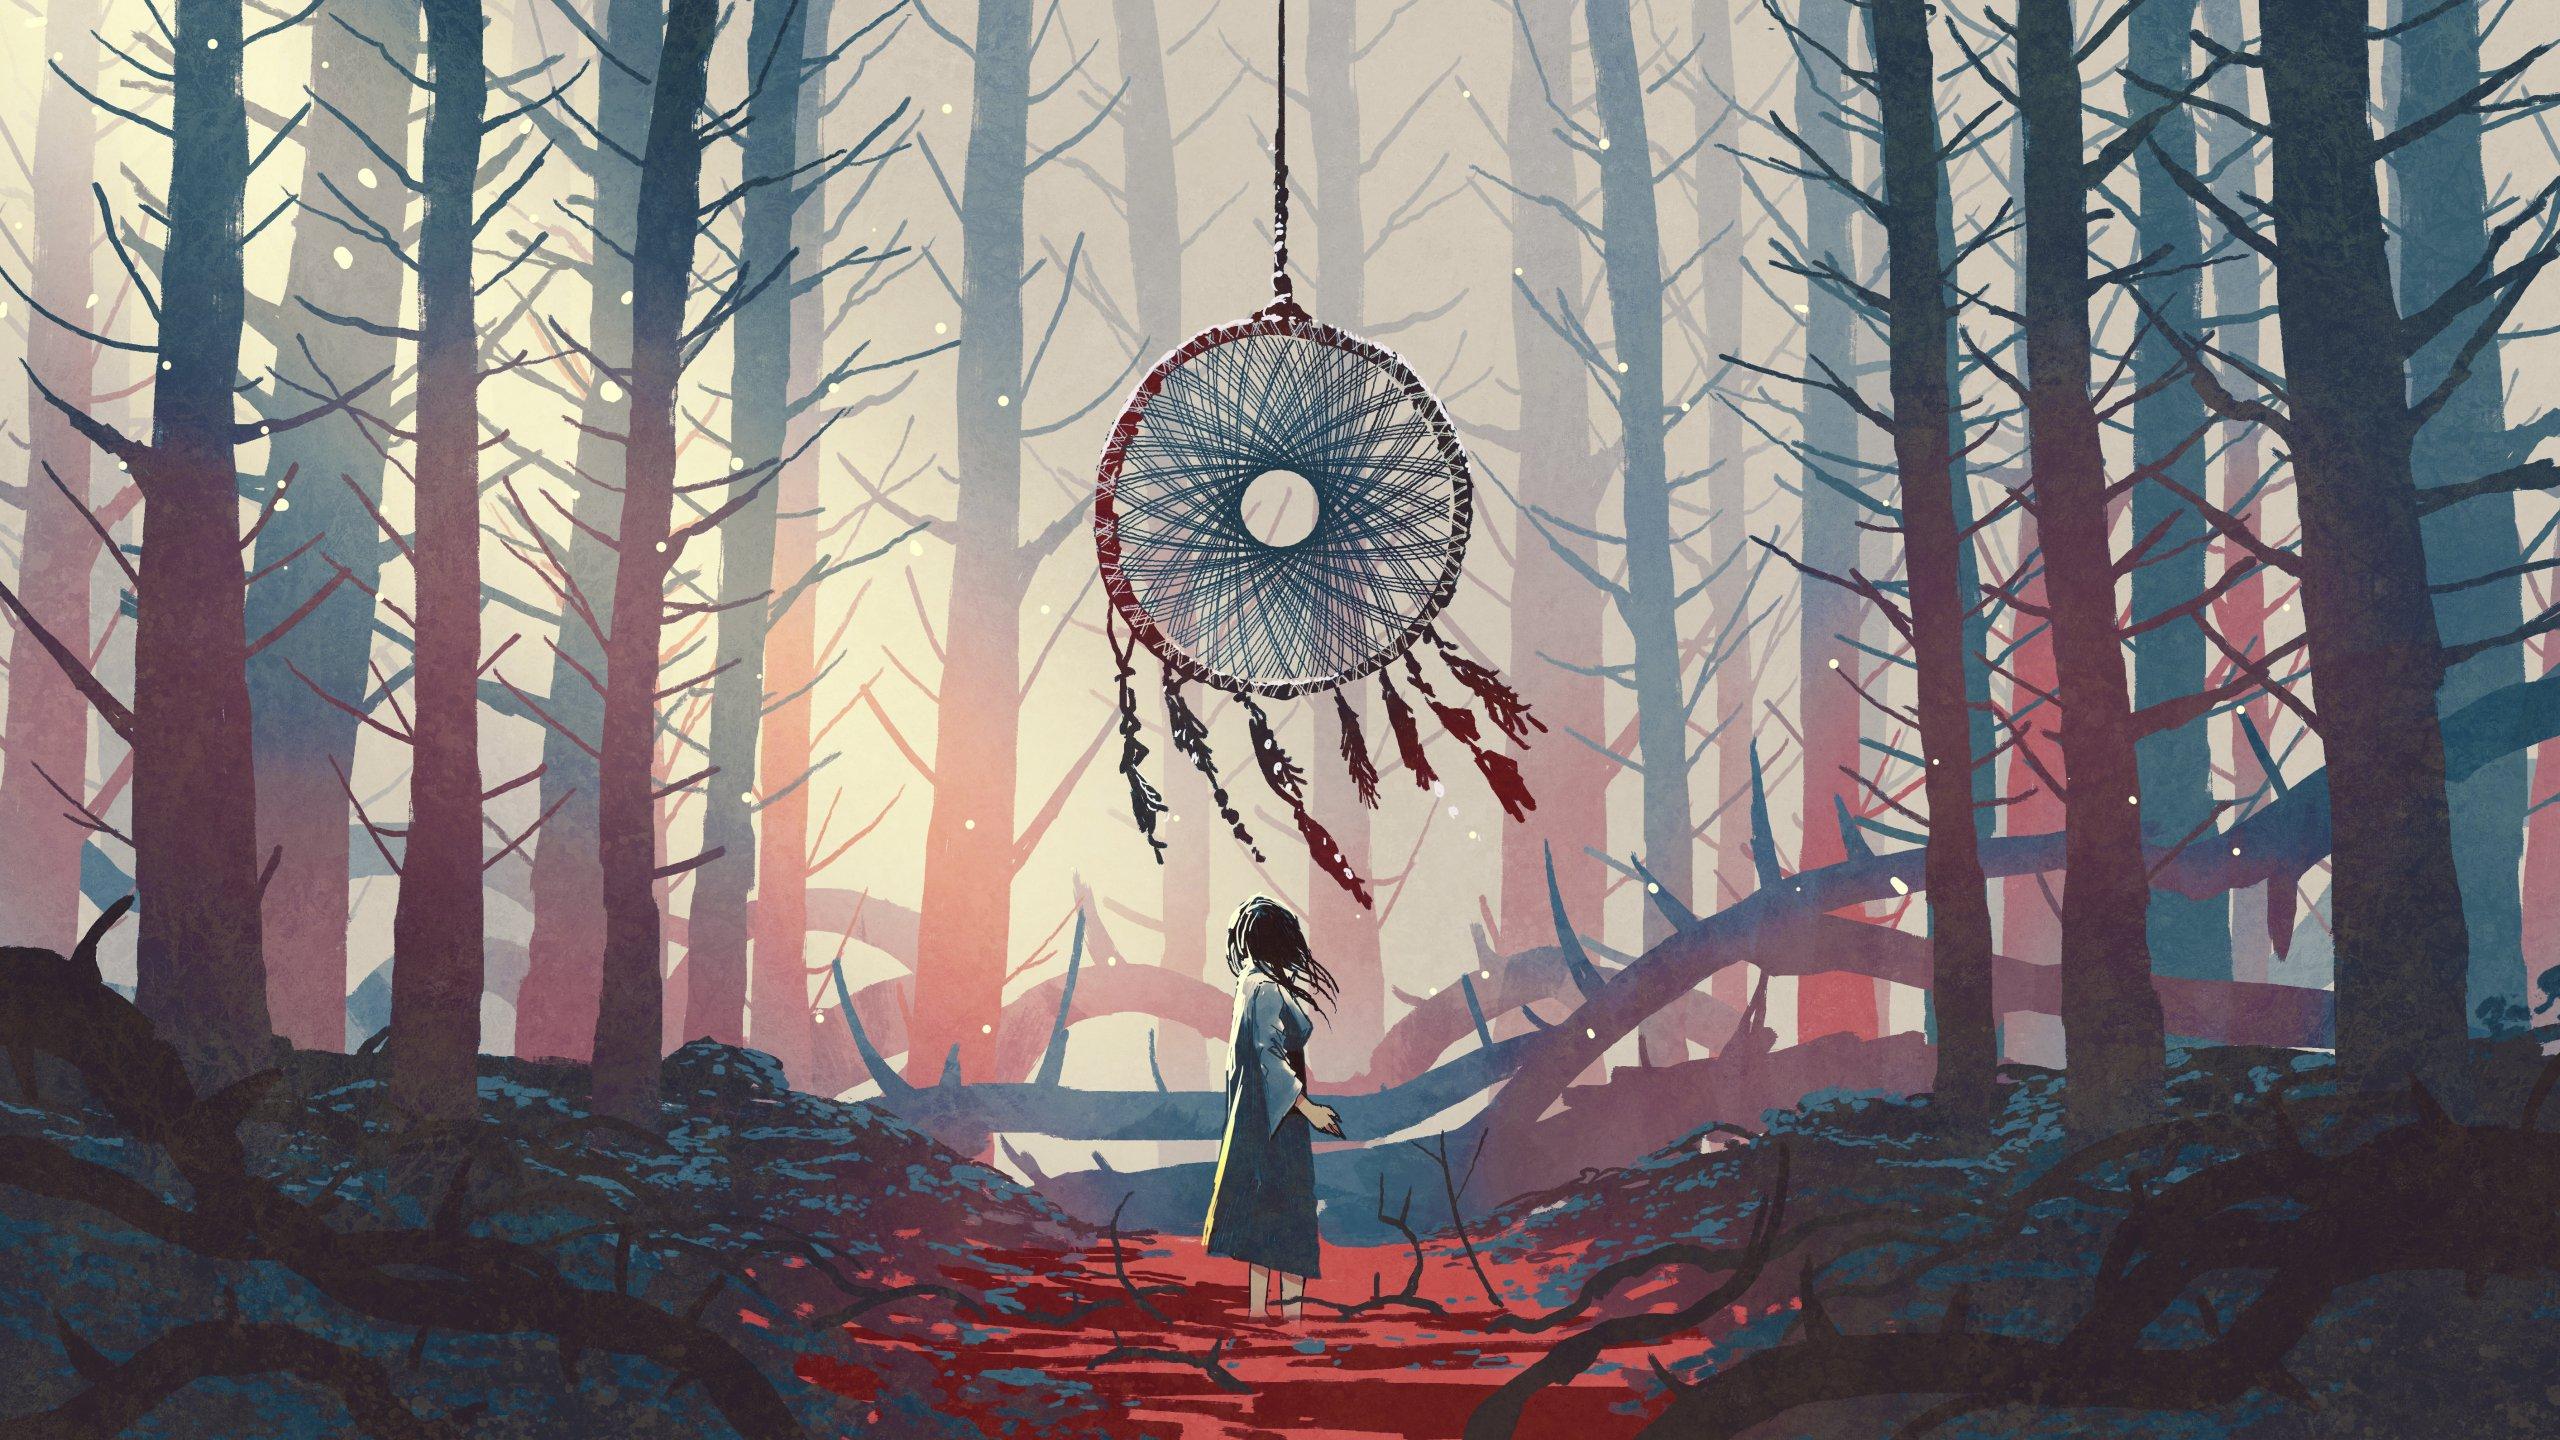 Frau in Fantasy-Wald mit Traumfänger üer ihr, digitale Zeichnung